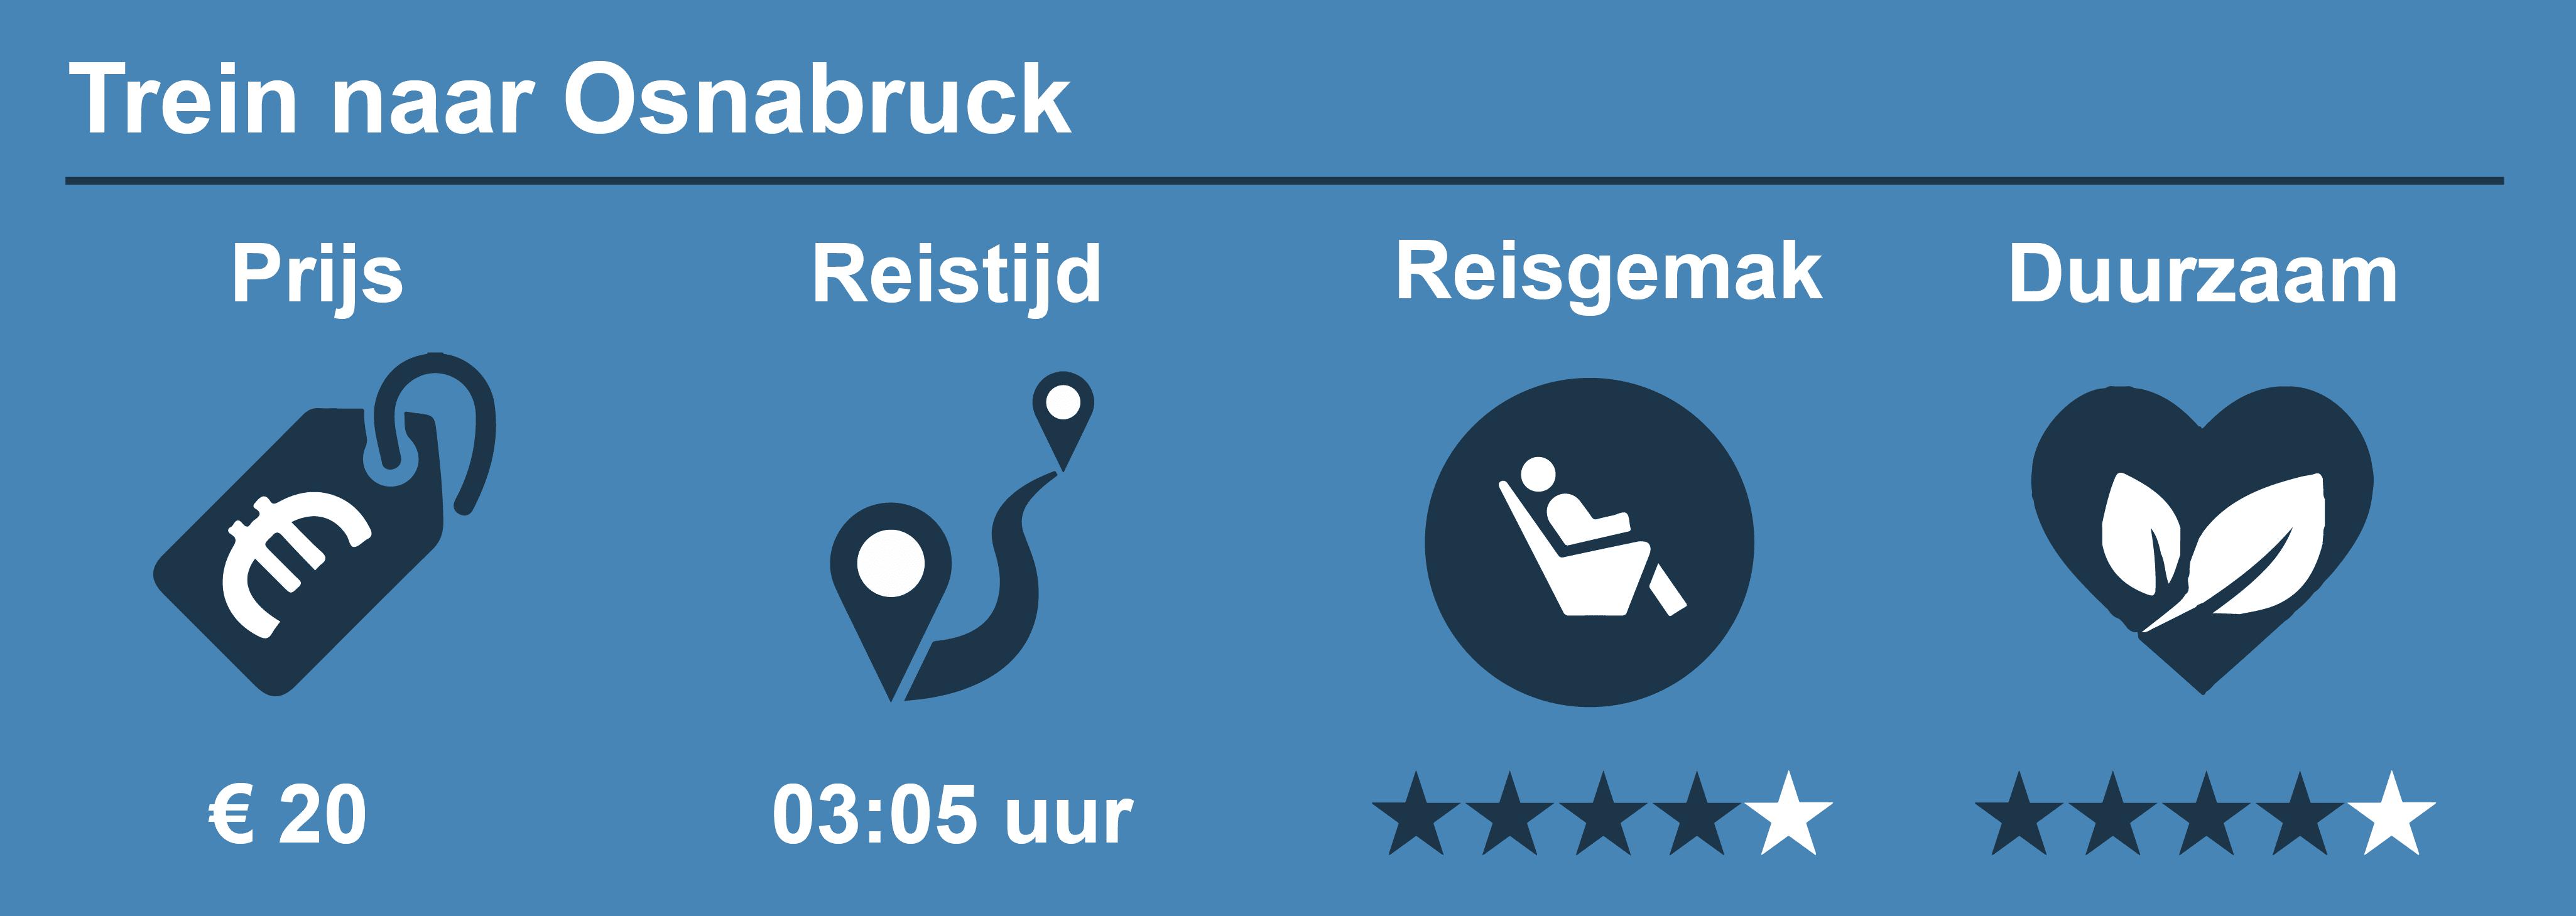 Reisinformatie trein naar Osnabruck